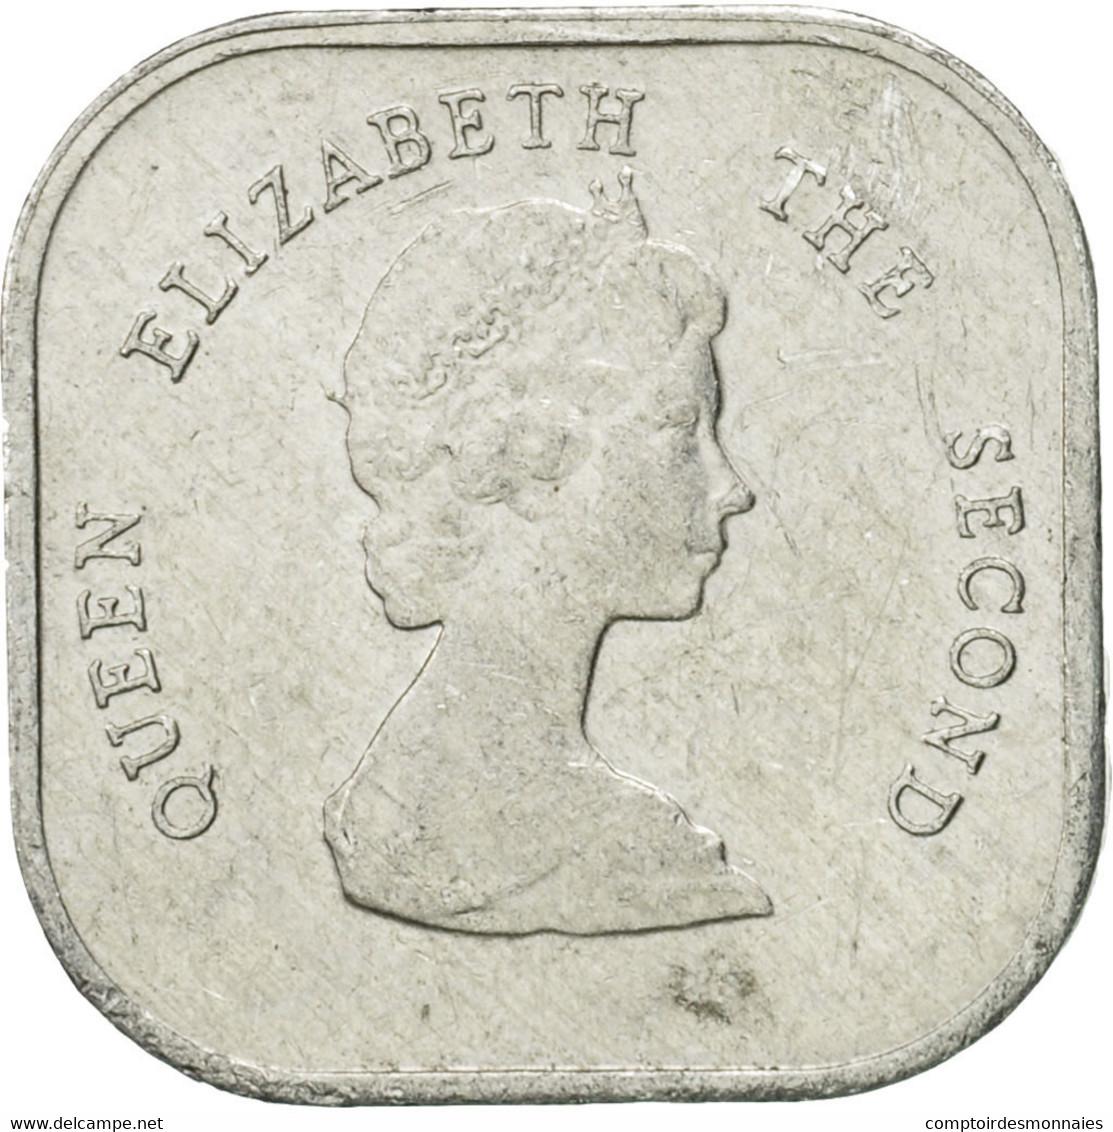 Monnaie, Etats Des Caraibes Orientales, Elizabeth II, 2 Cents, 1994, TTB - Caraïbes Orientales (Etats Des)